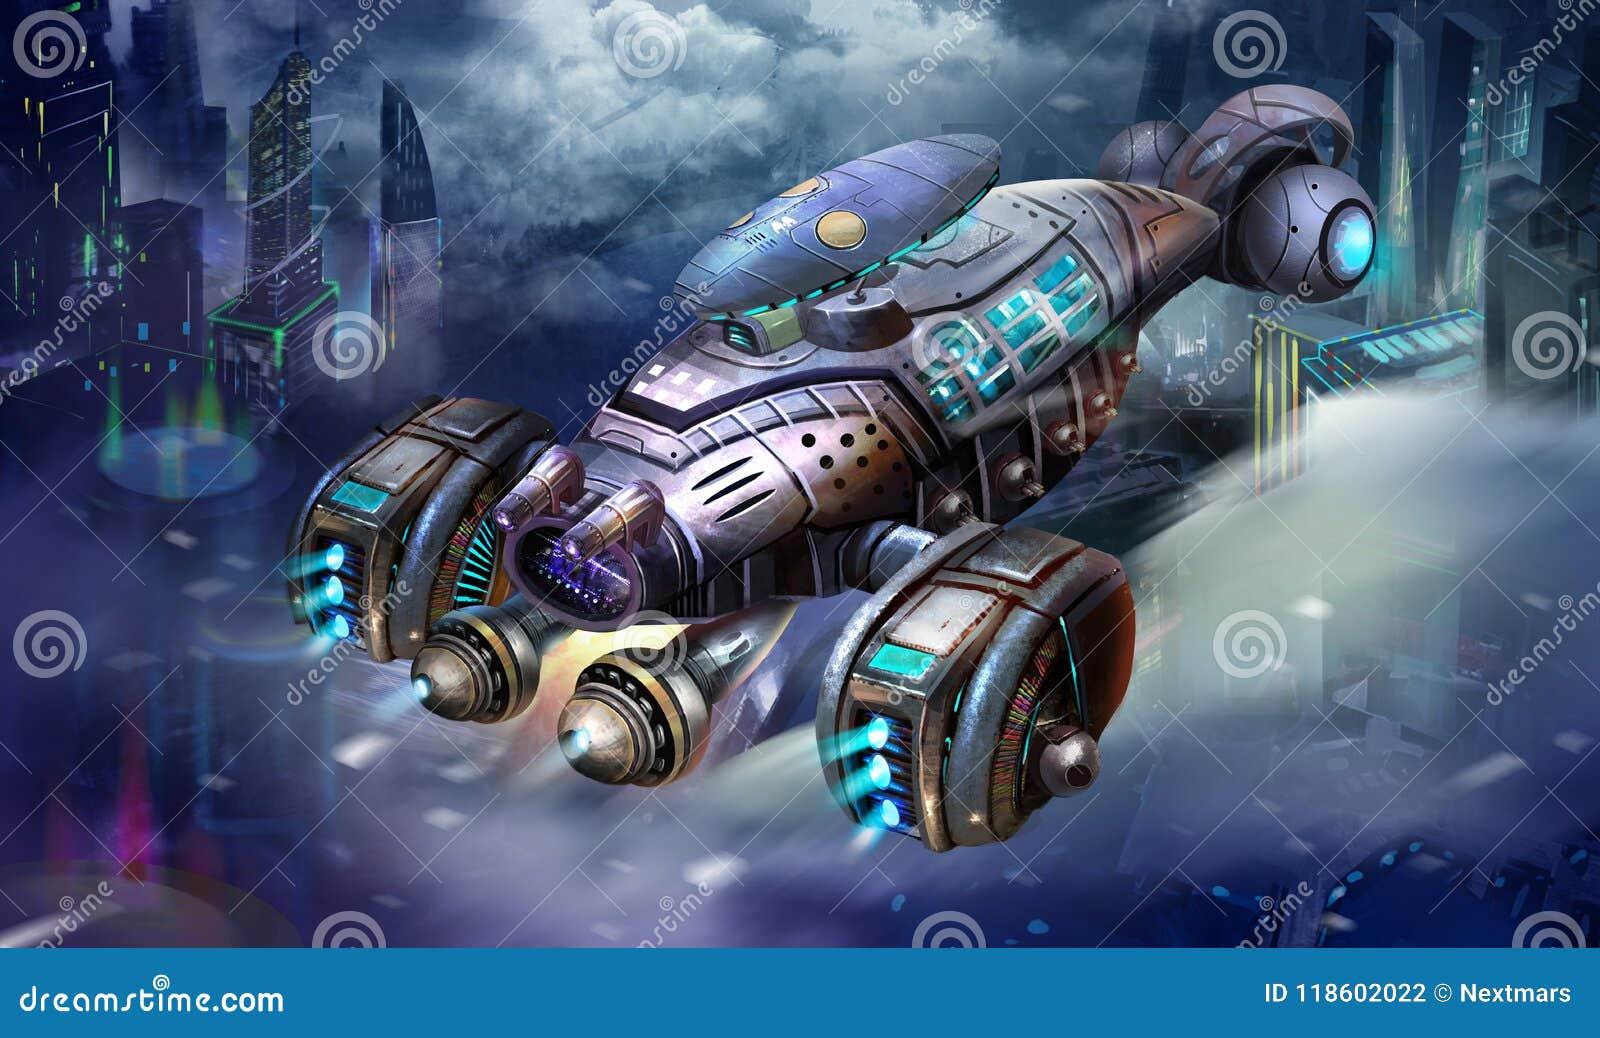 Sciencefictions-Flugzeuge, das Garnelen-Raumschiff, Zukunftsroman-Raumfahrzeug-und Stadt-Szene mit fantastischer, realistischer u